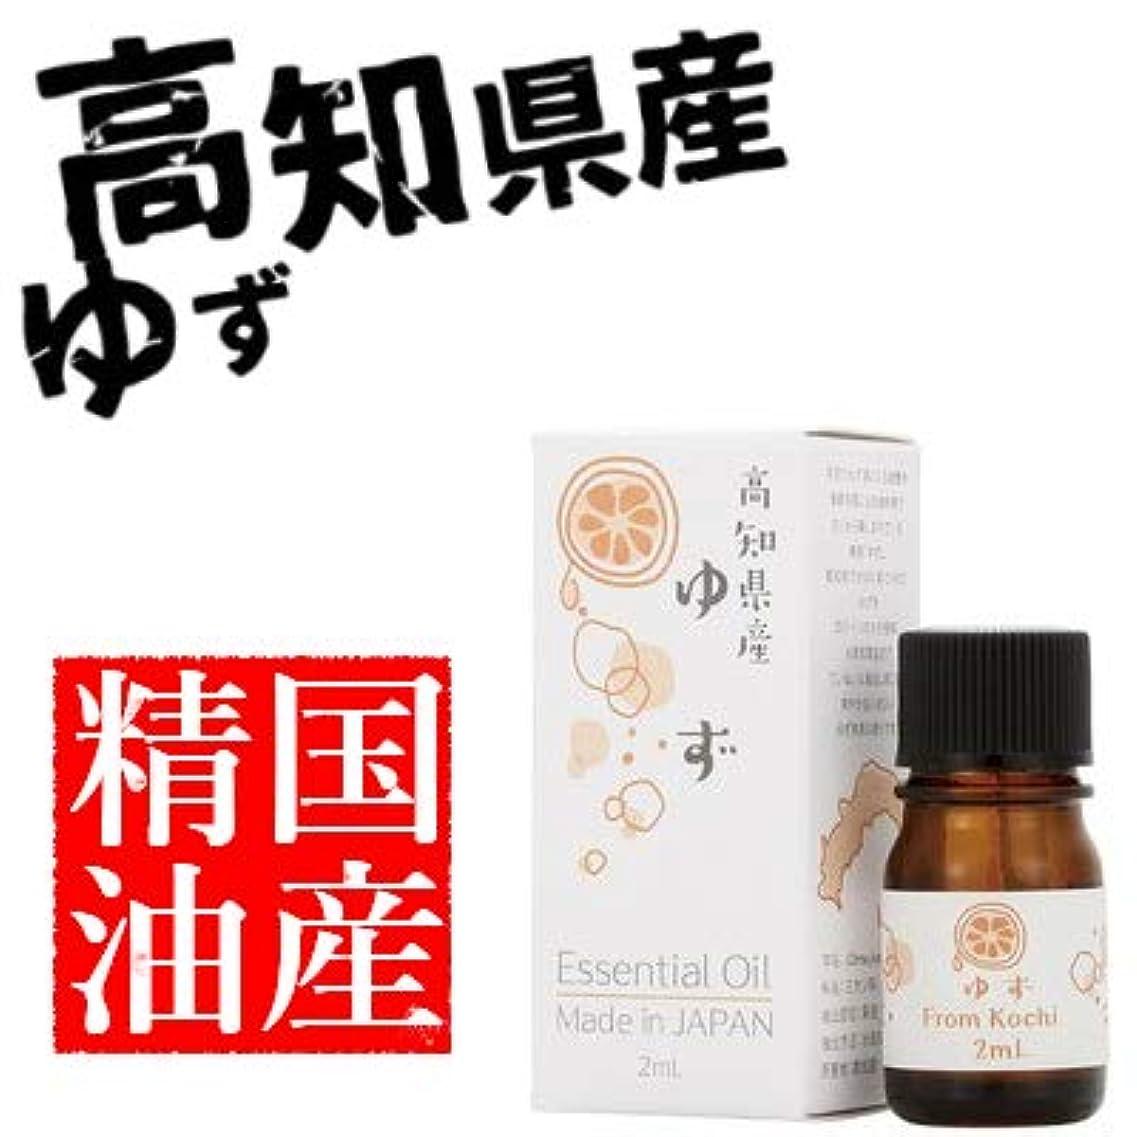 押す以来銅日本の香りシリーズ エッセンシャルオイル 国産精油 (ゆず)